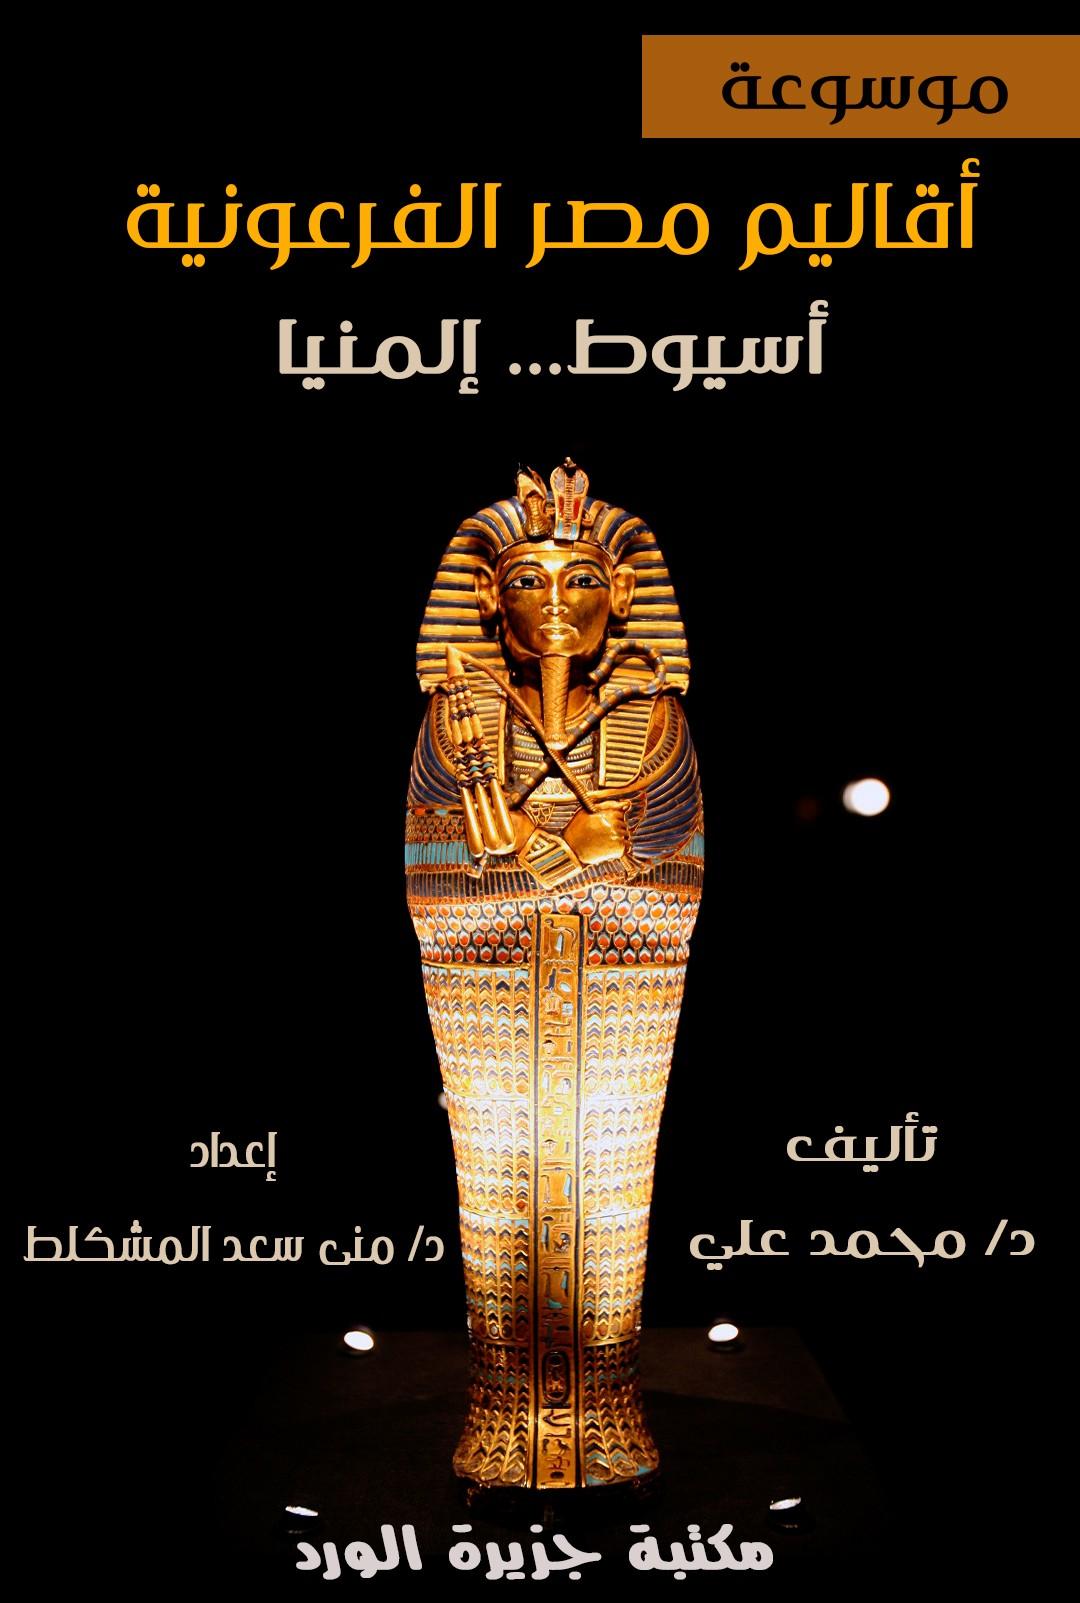 -أقاليم مصر الفرعونية -أسيوط .. المنيا